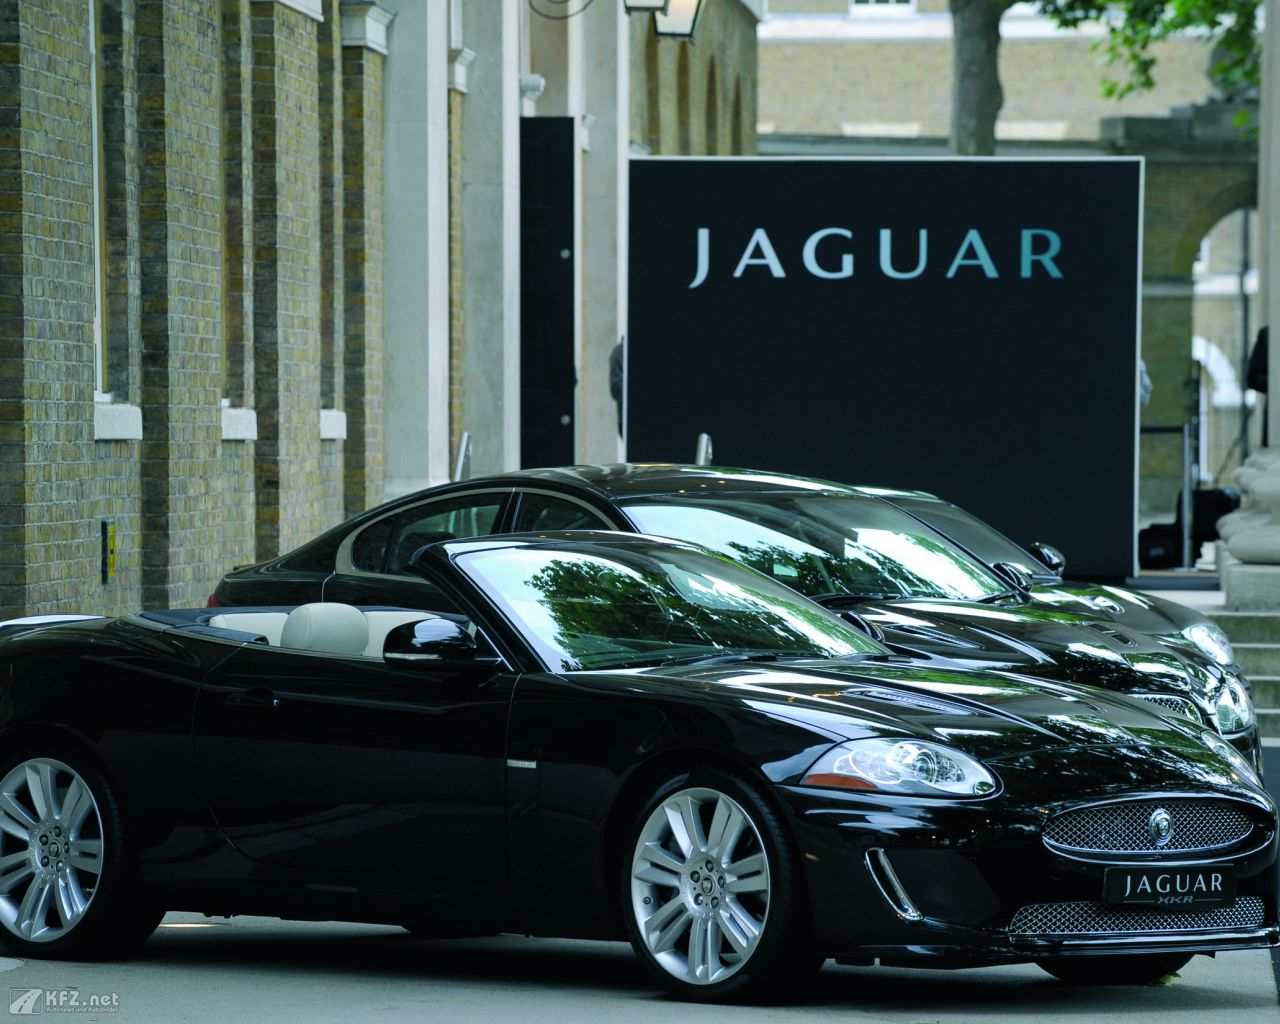 jaguar-xj-1280x1024-18